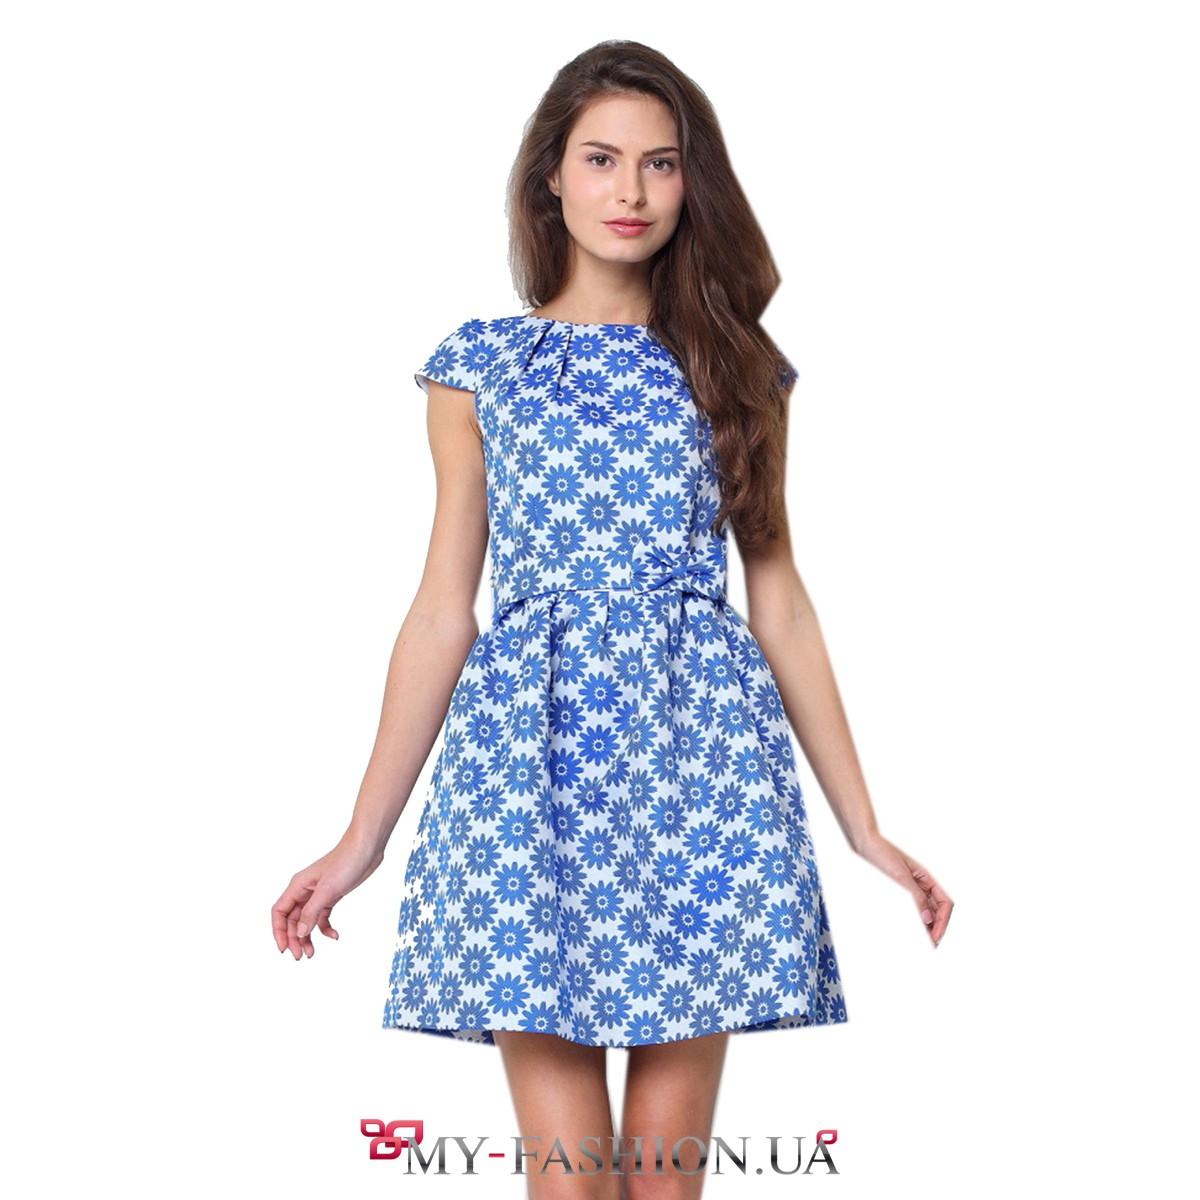 Платье синее в цветочек фото